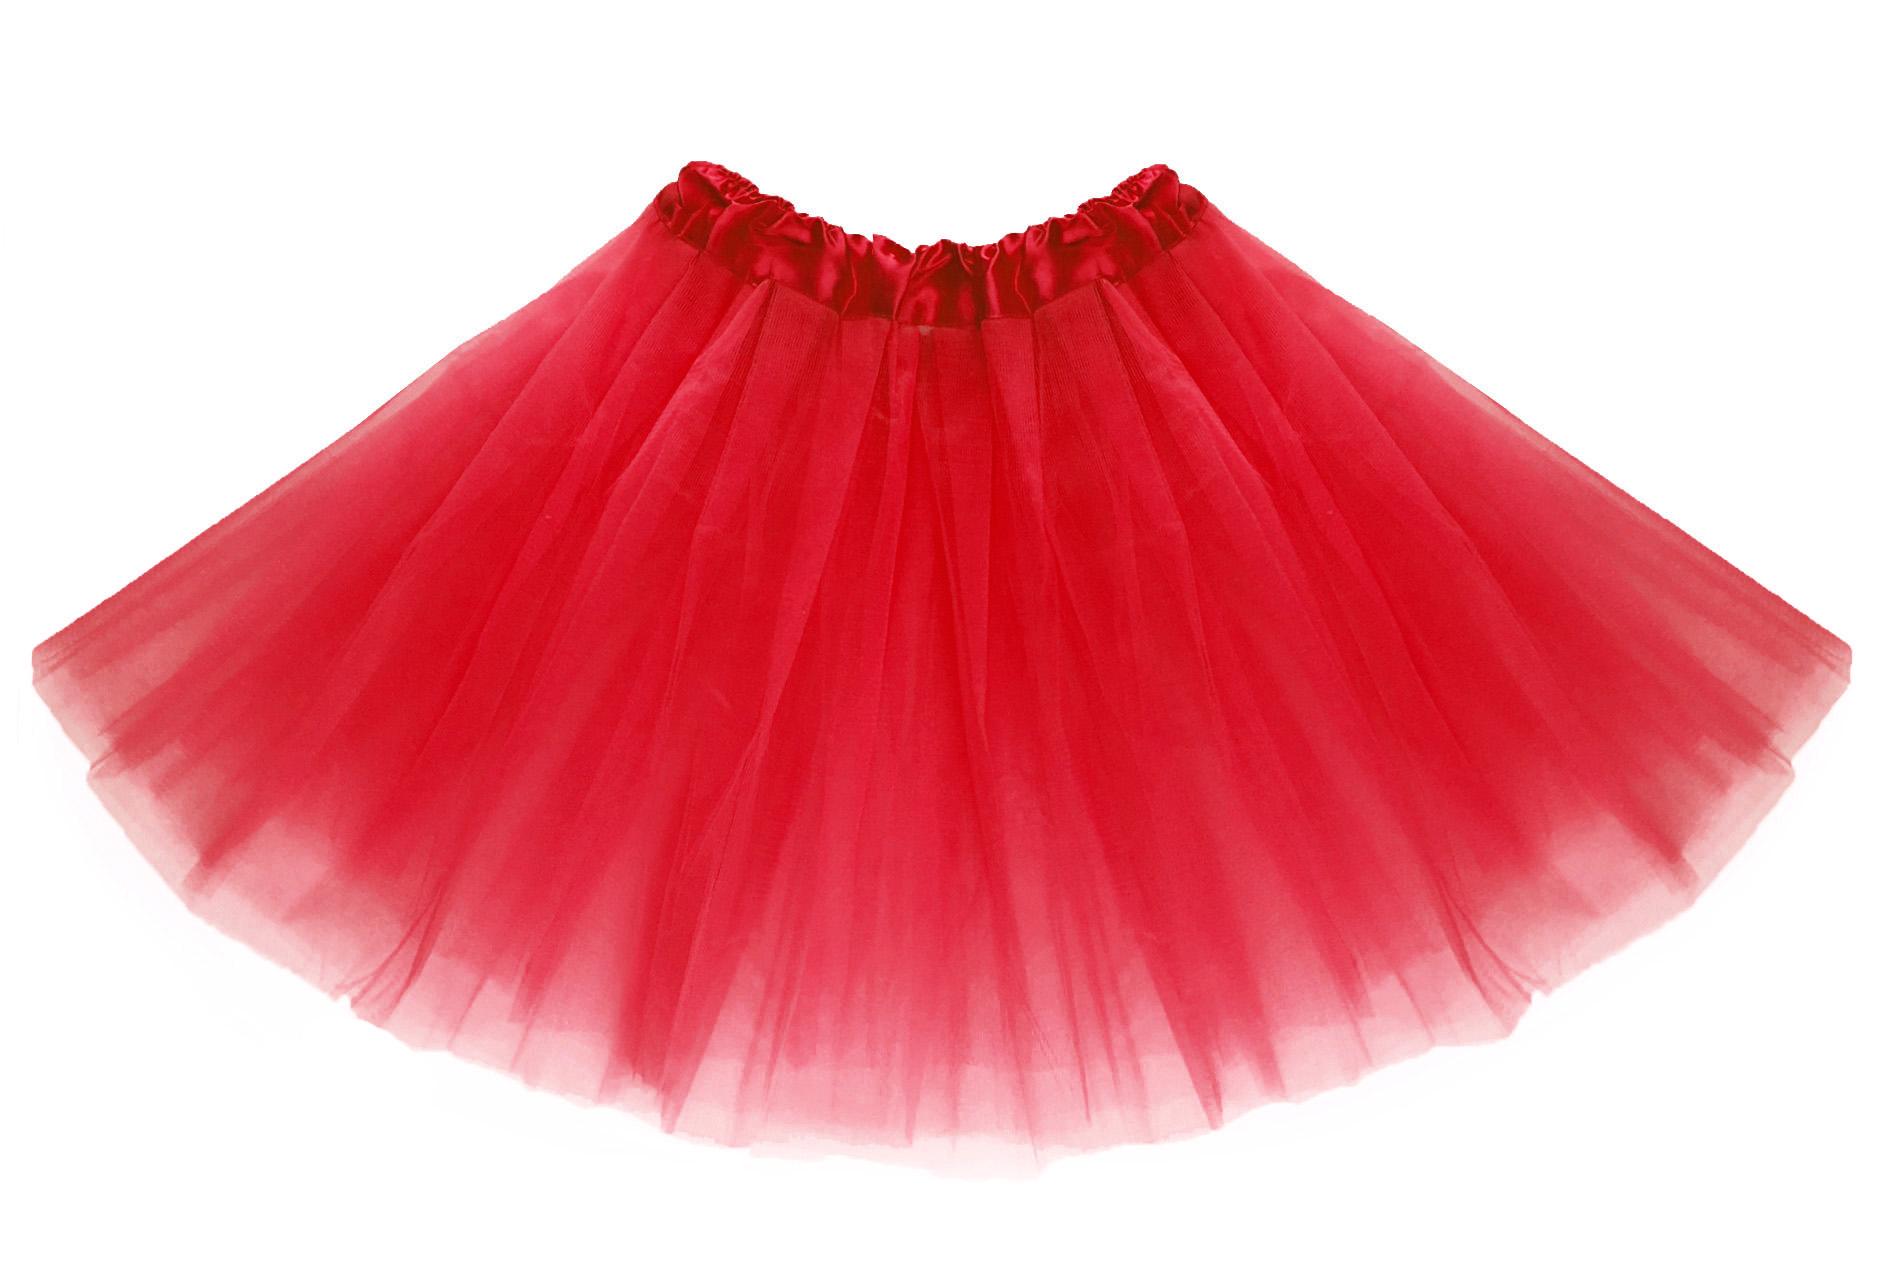 Tylová tutu sukně červená 40 cm